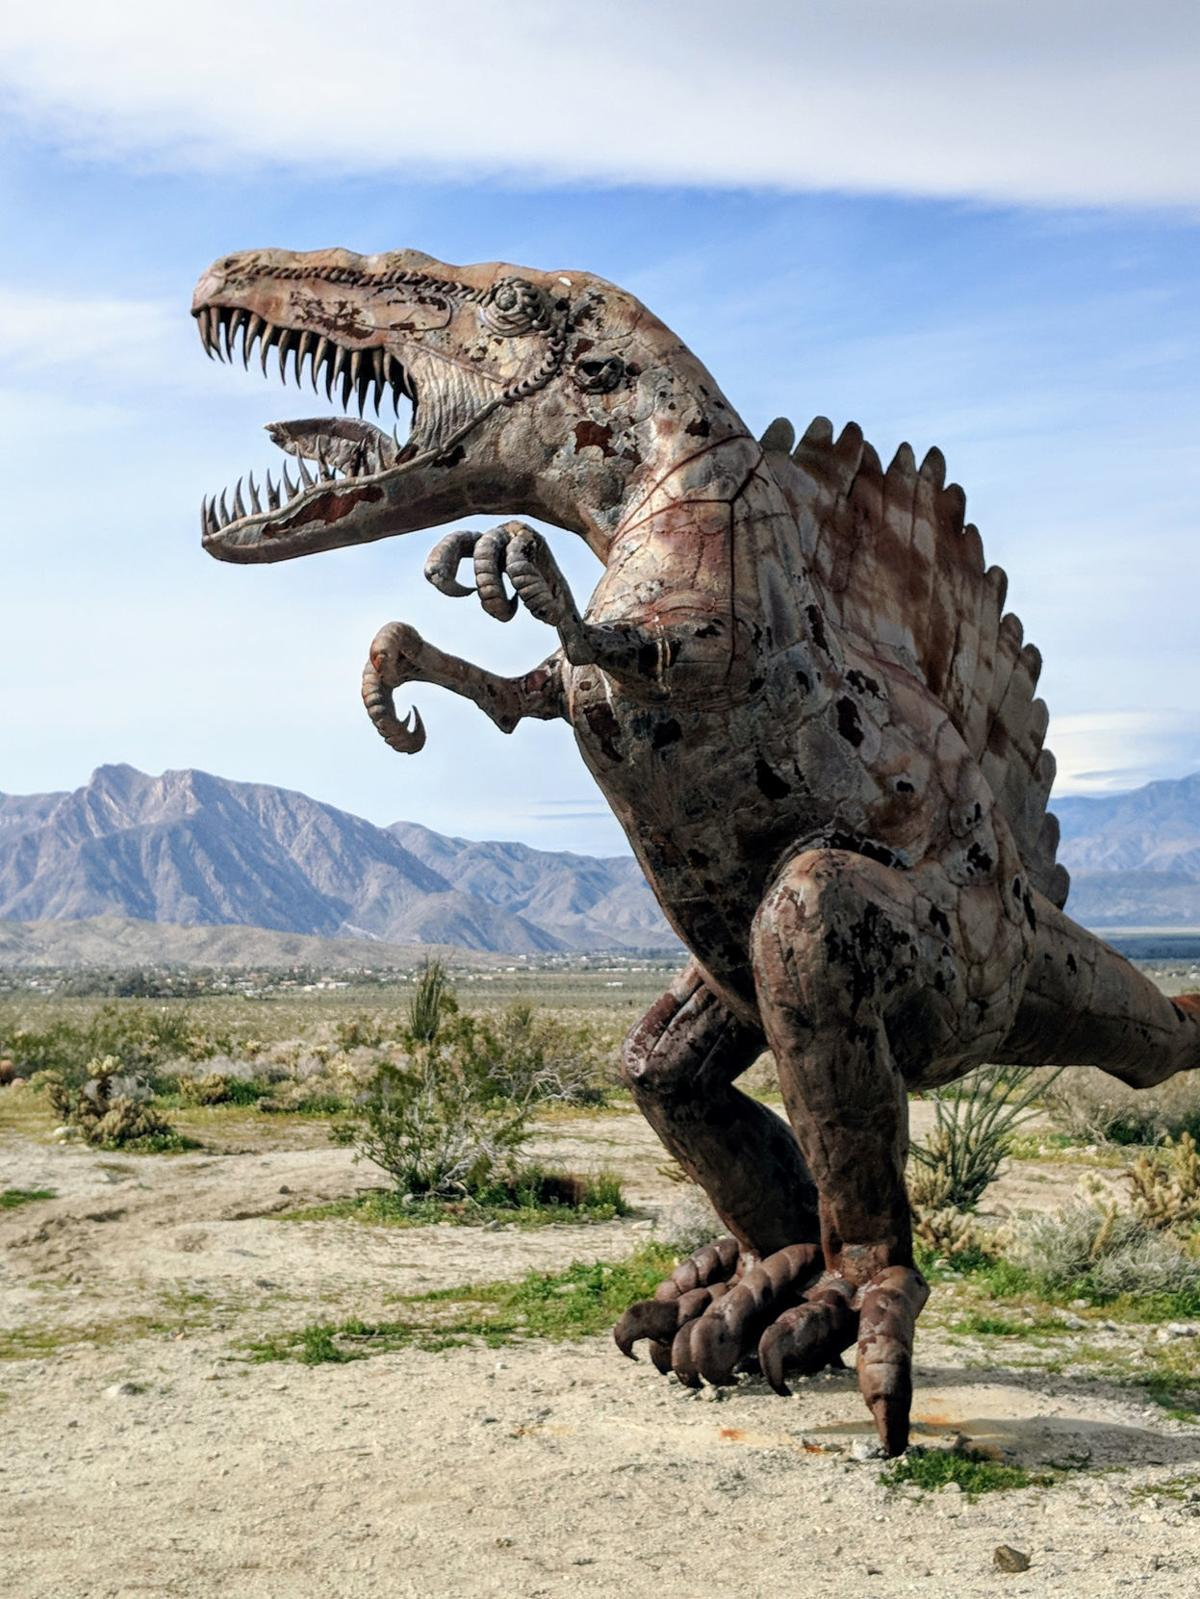 Dinosaur sculpture in Anaz State Park